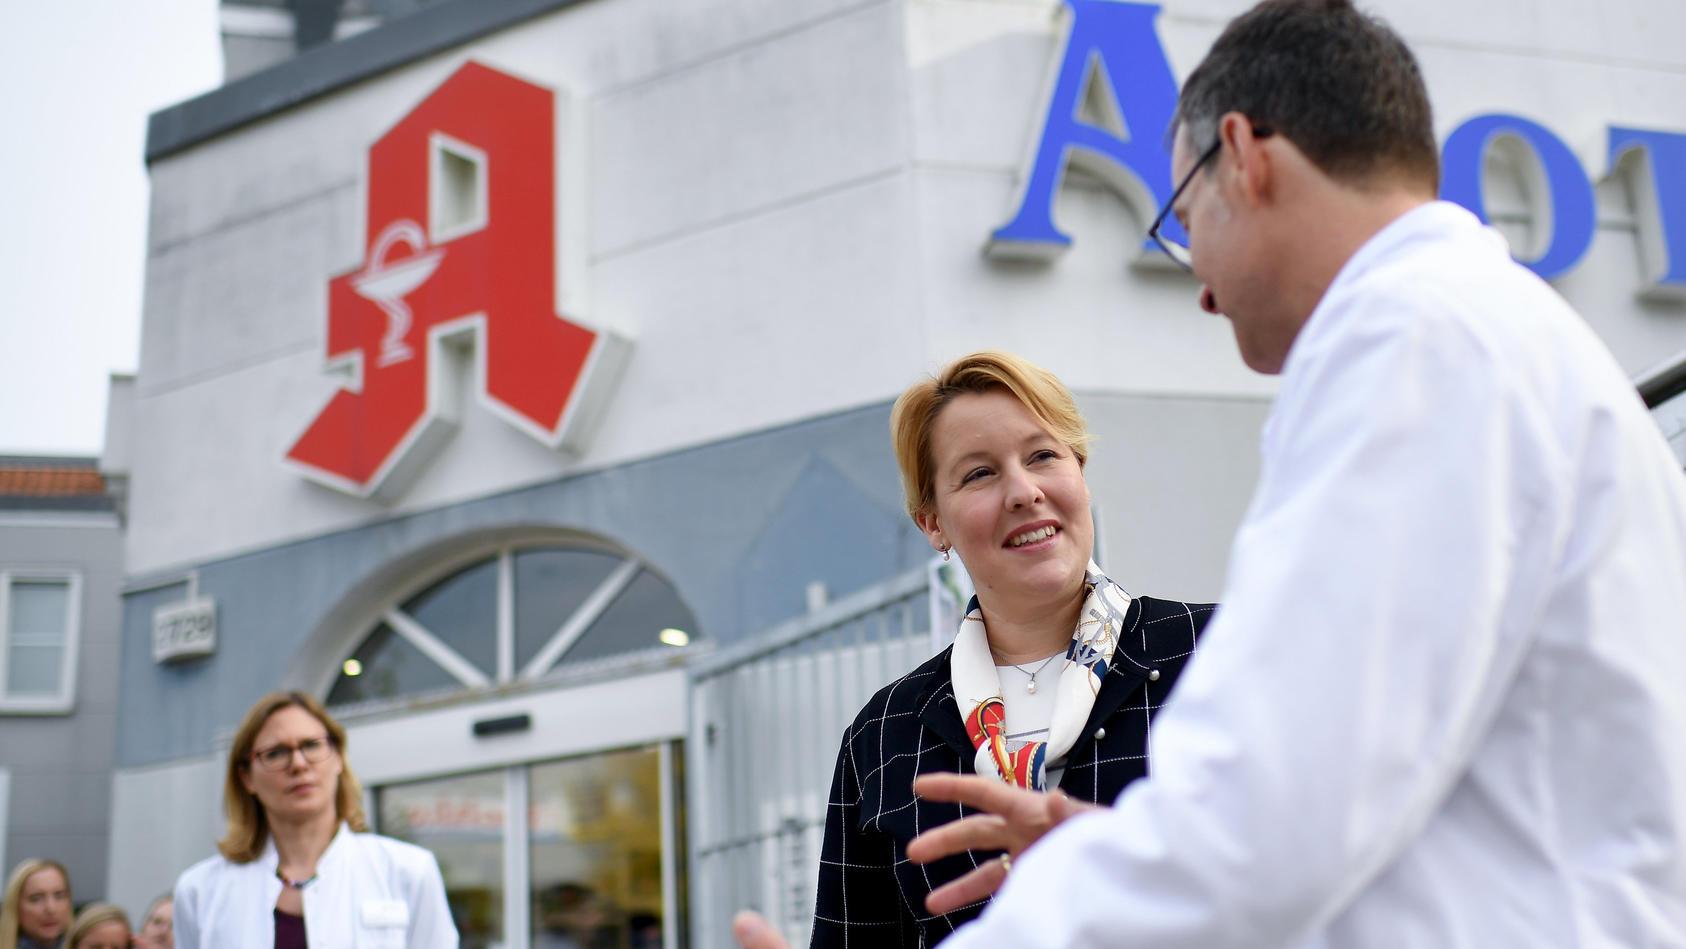 Ärzte wollen das Apotheken-Monopol brechen.